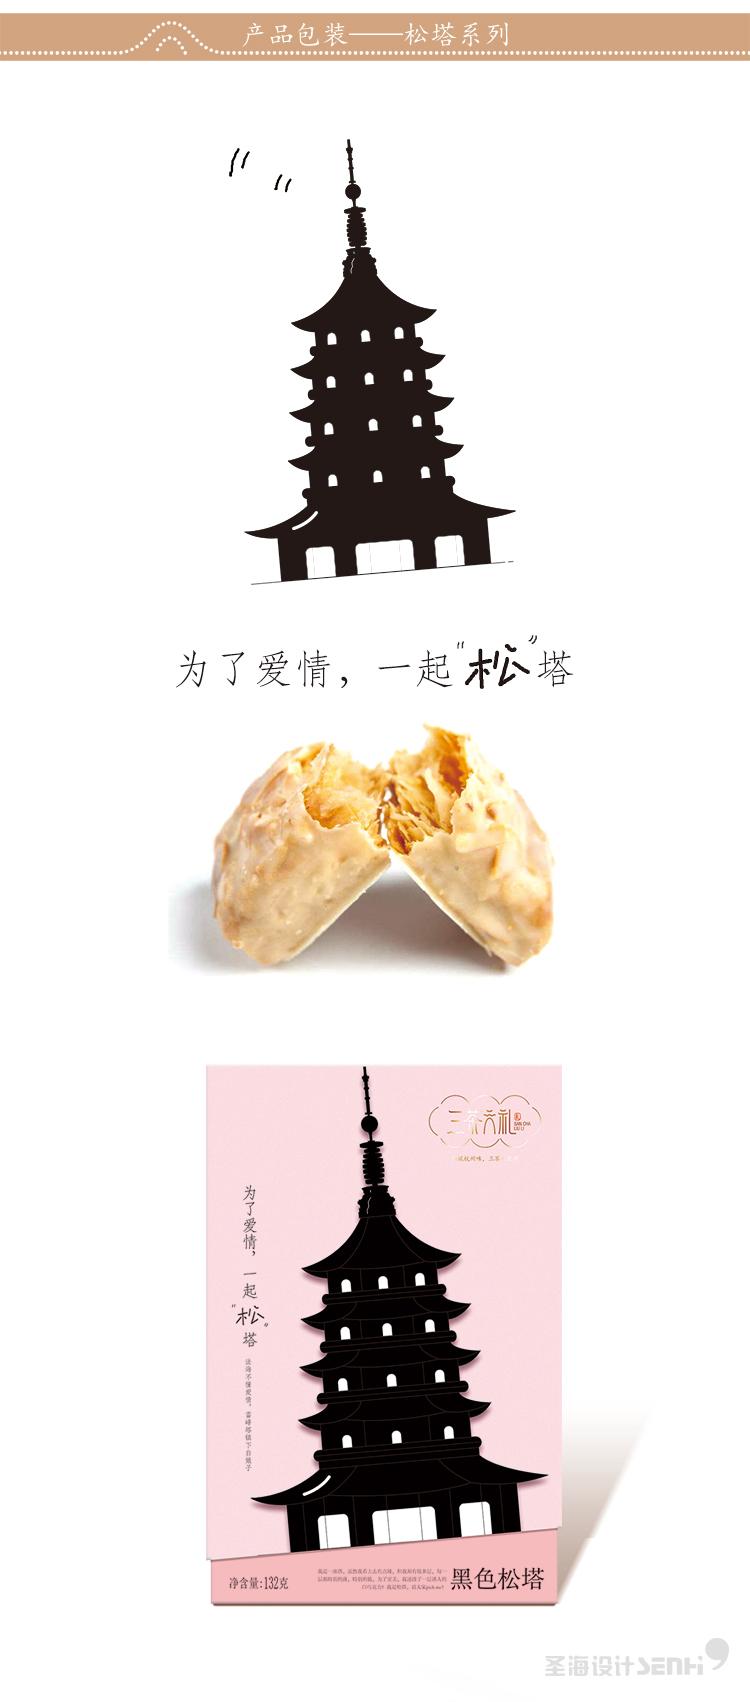 黑色松塔巧克力松塔 三茶六礼 杭州品牌 杭州圣海包装艺术设计 包装设计 杭州包装设计